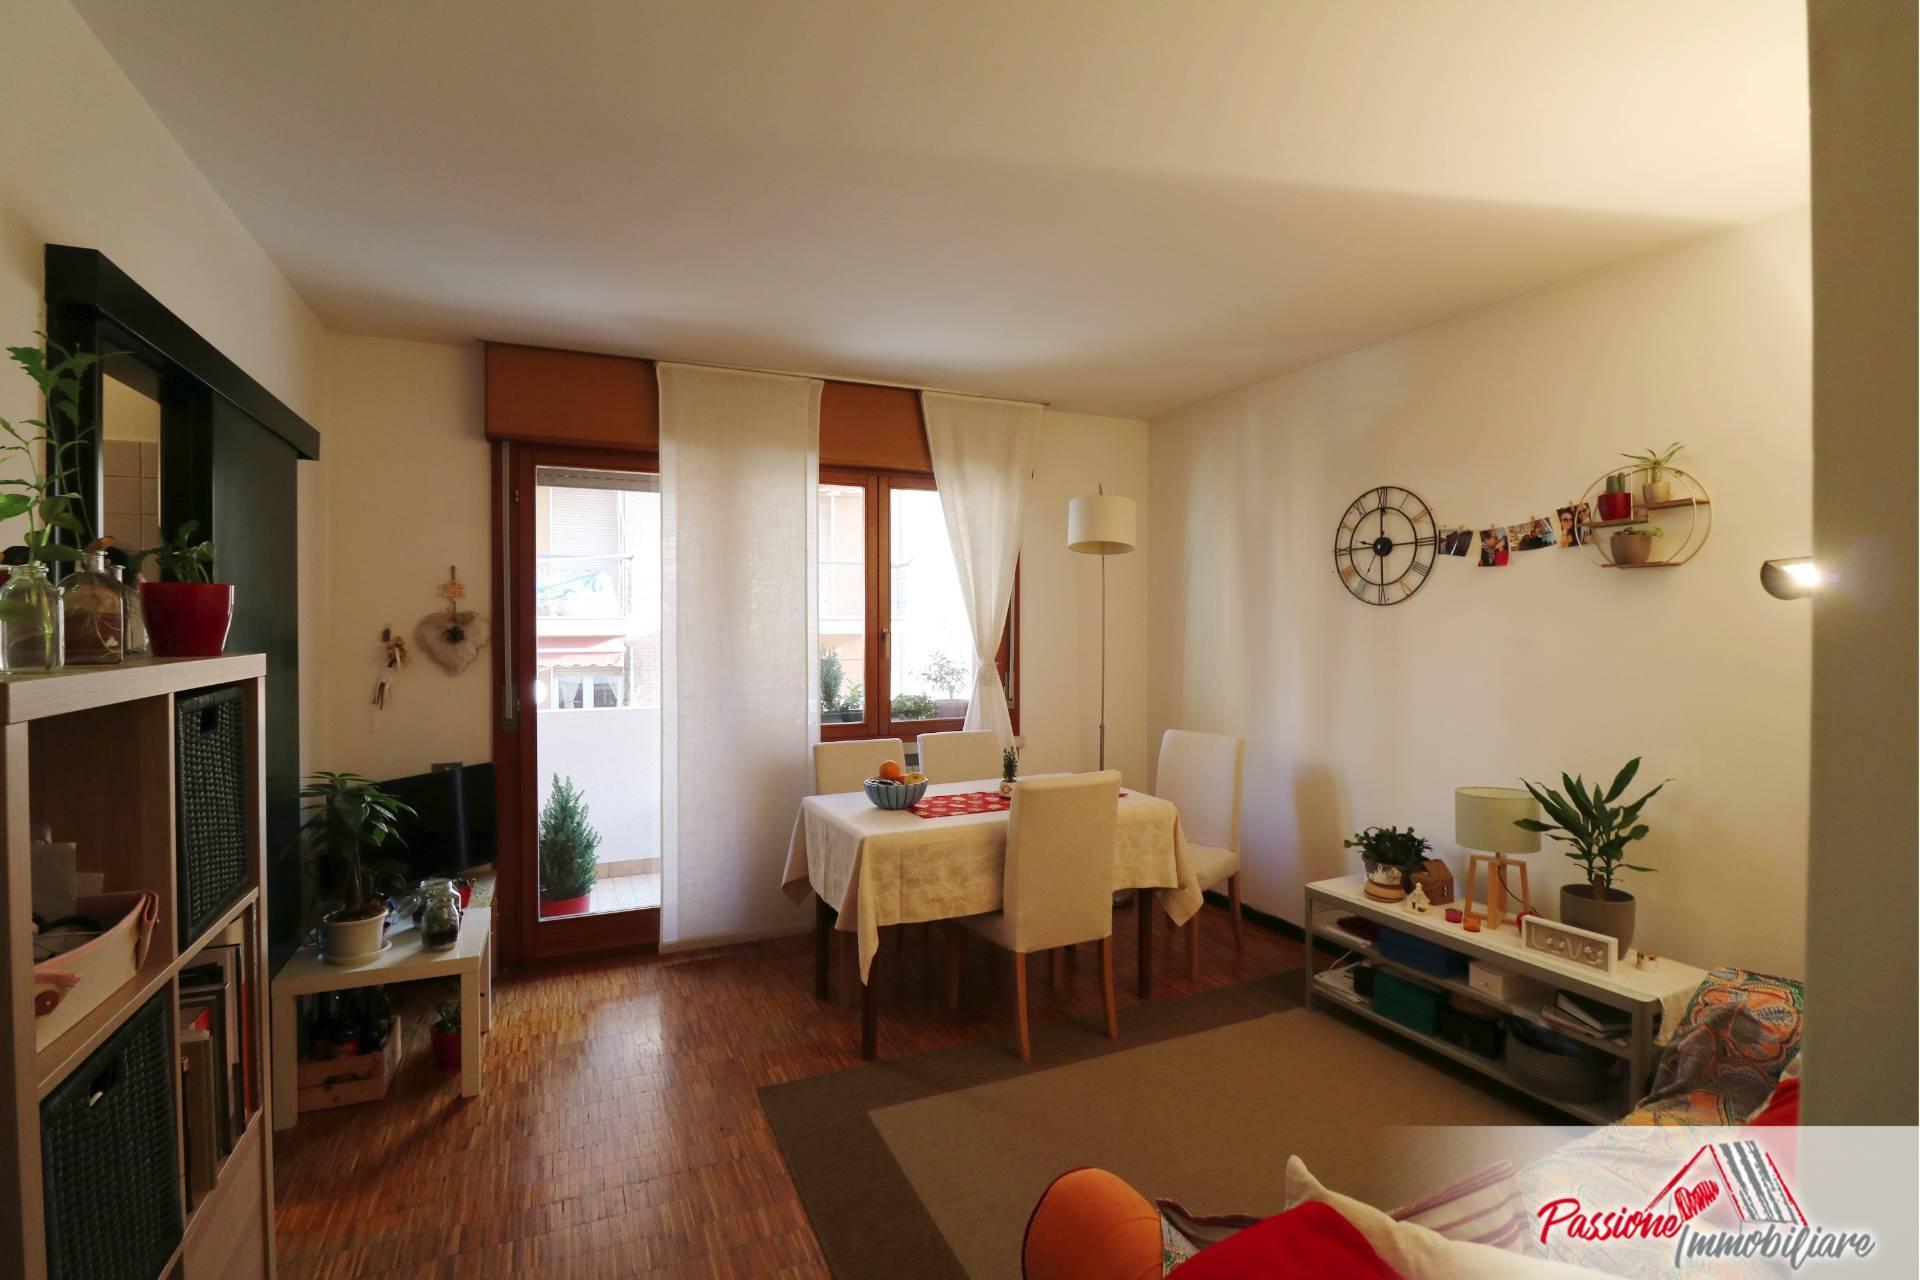 Appartamento in affitto a Verona, 2 locali, zona Zona: 5 . Quinzano - Pindemonte - Ponte Crencano - Valdonega - Avesa , prezzo € 620 | CambioCasa.it